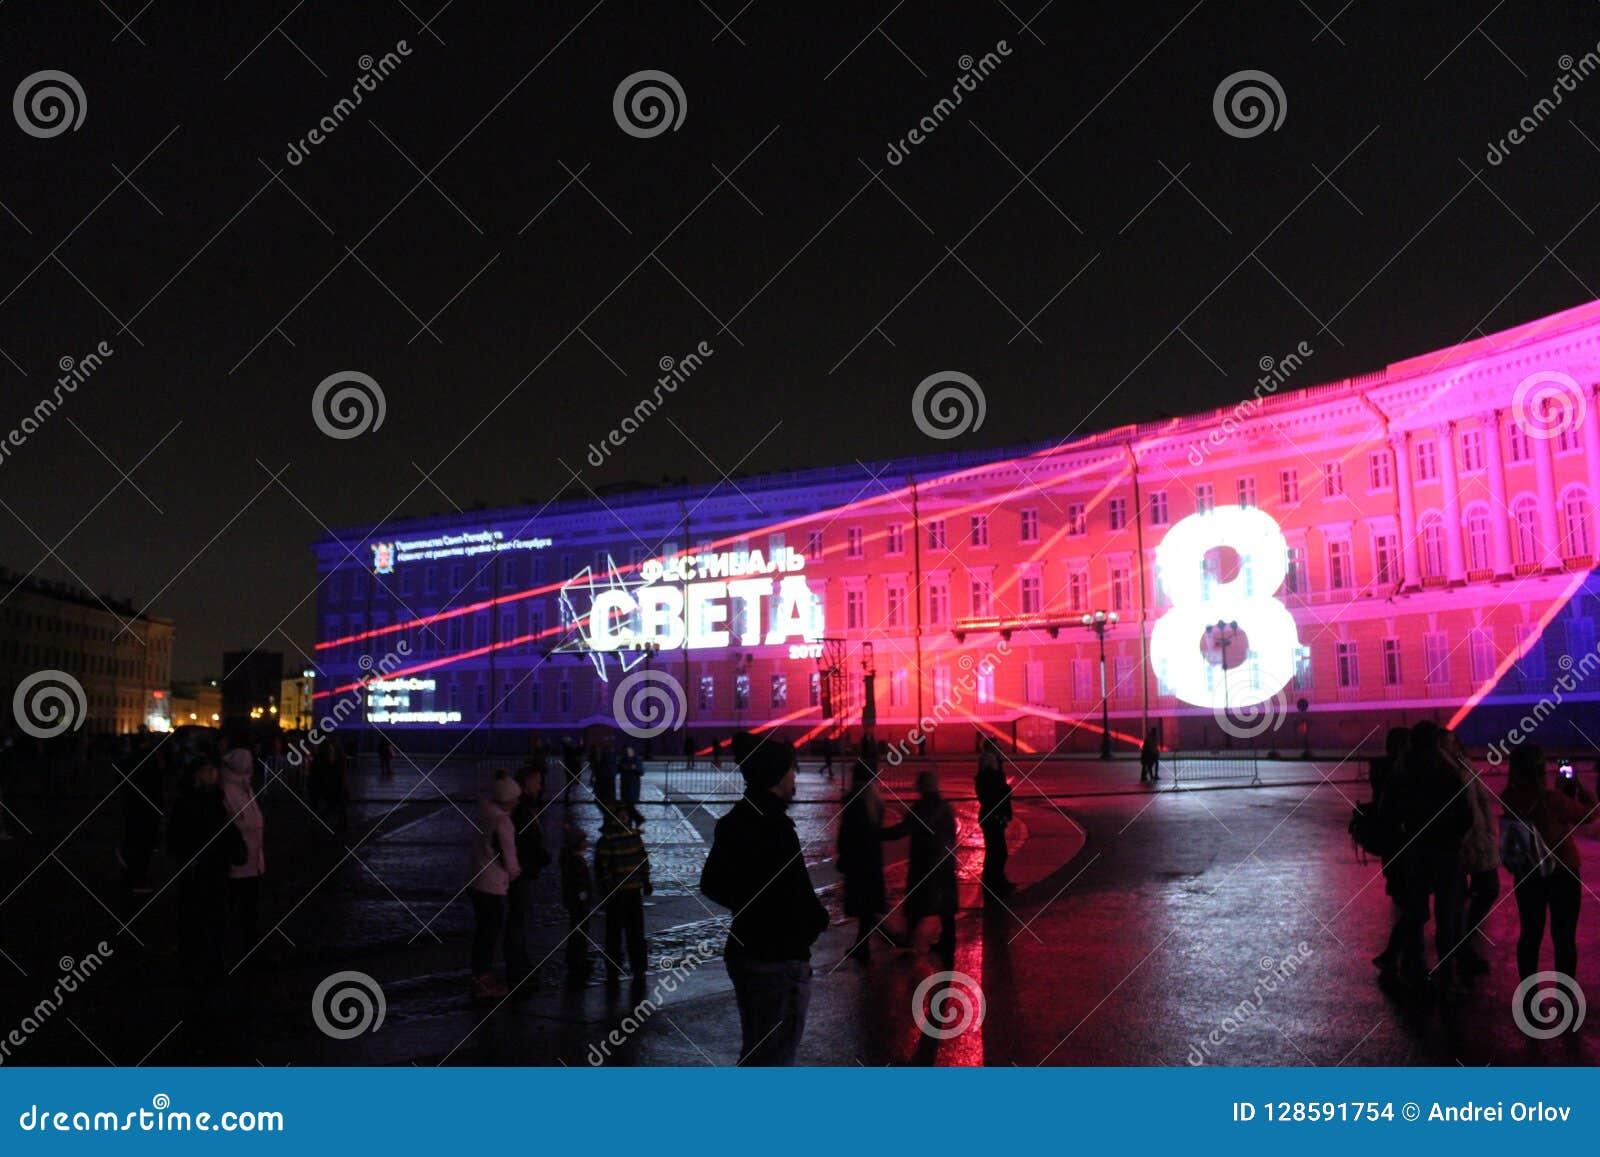 Vista do arco do estado maior geral durante a celebração do festival do feriado da cidade de luz